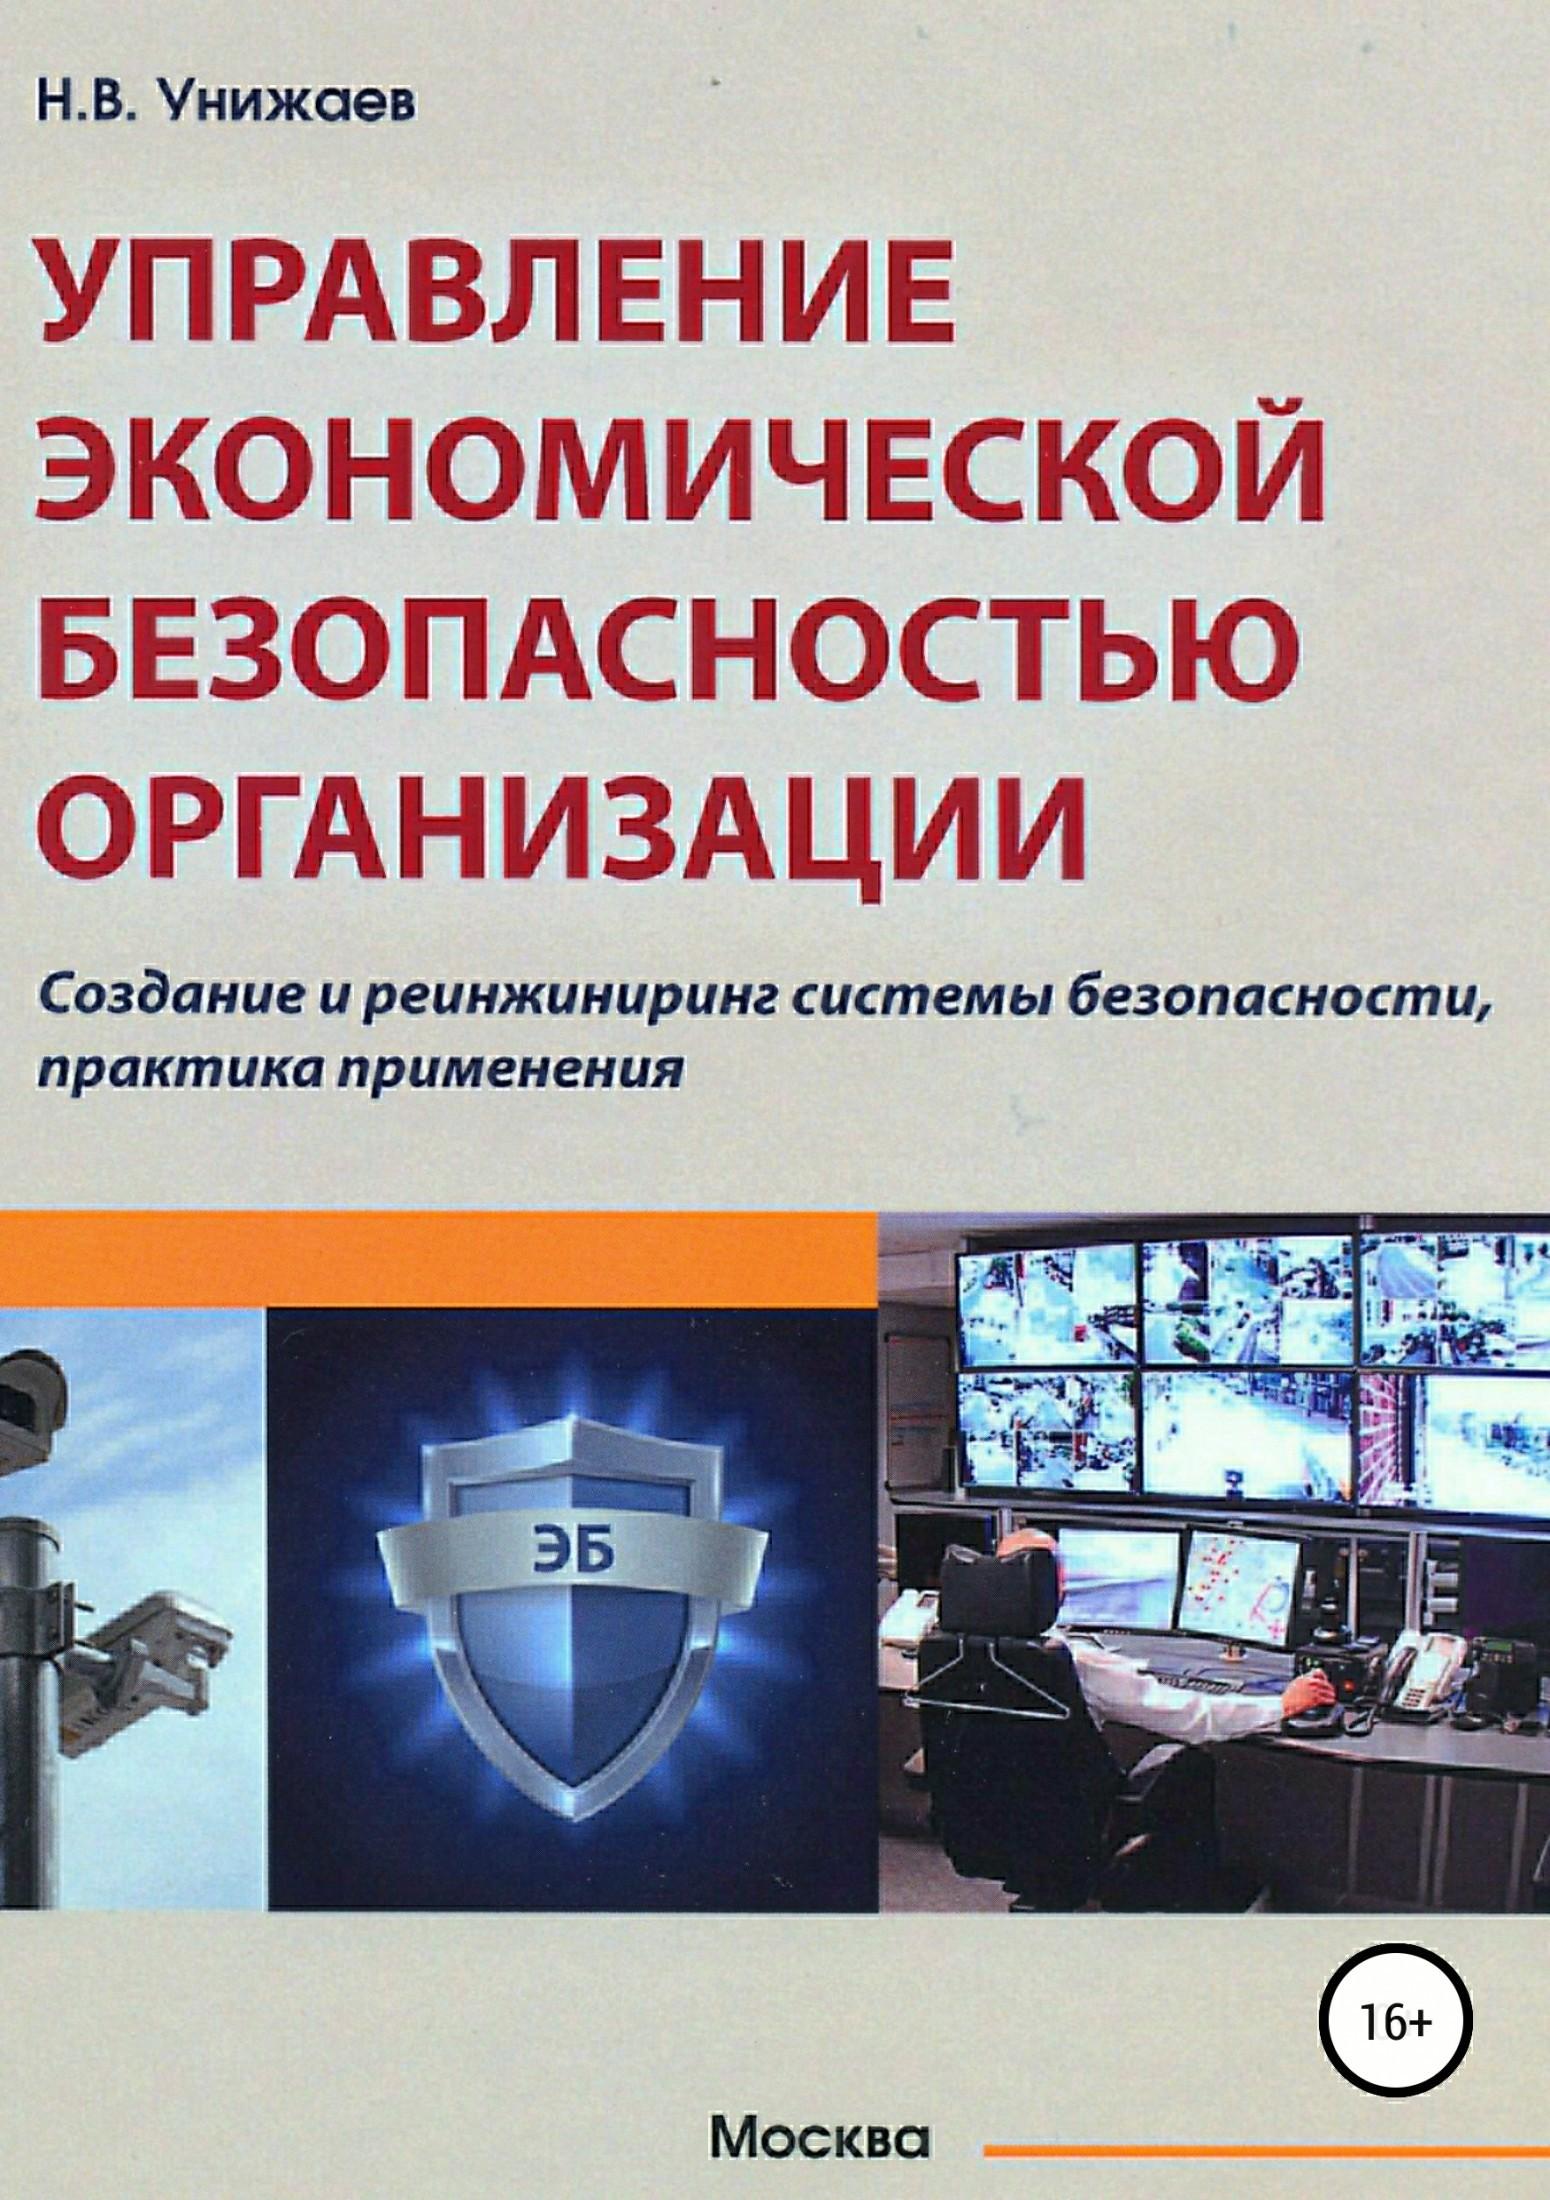 Управление экономической безопасностью организации